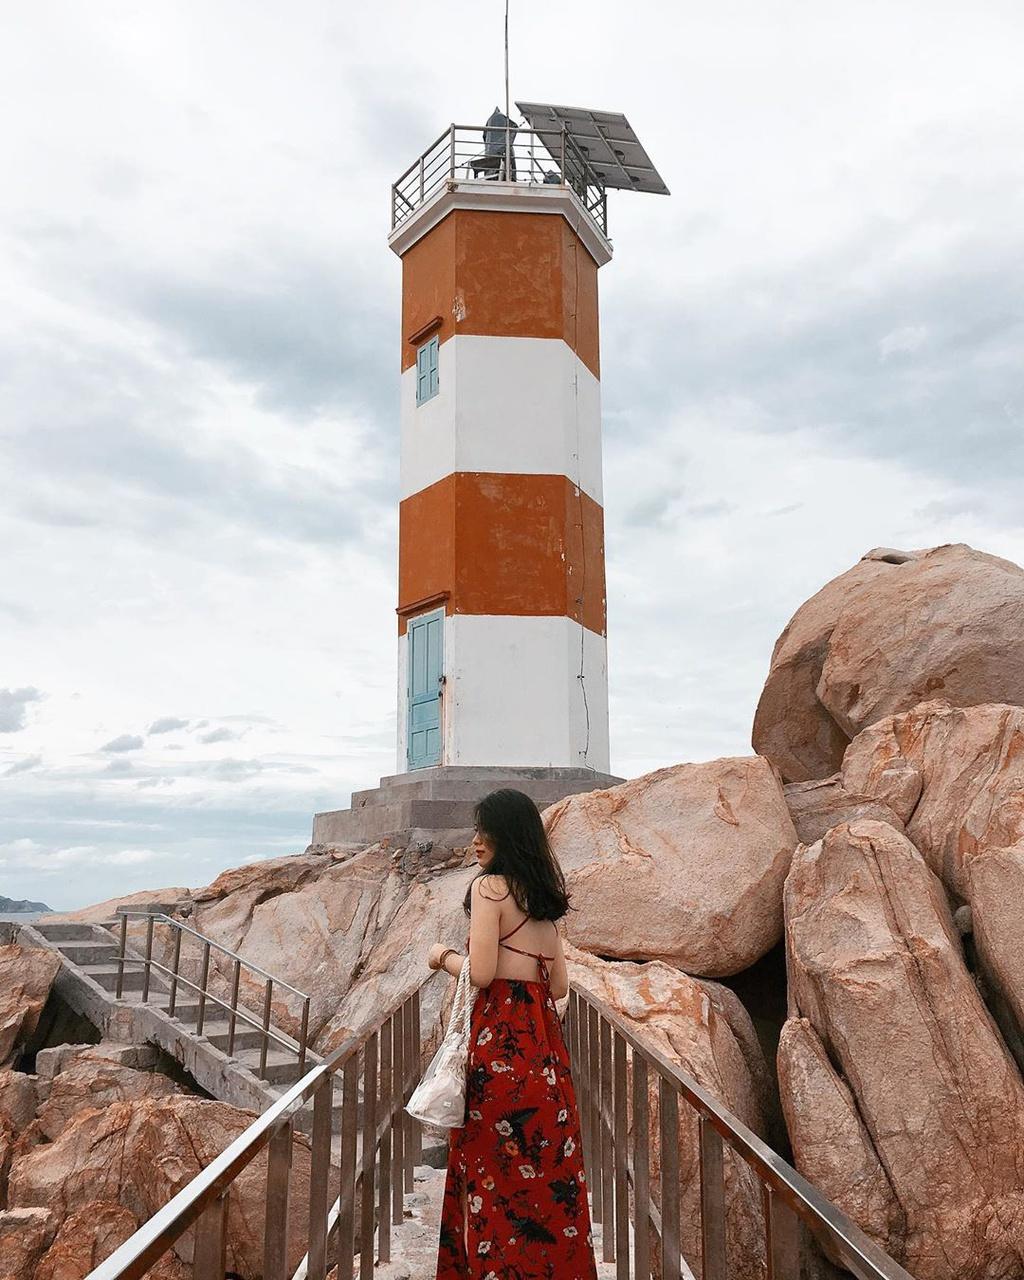 """Hải đăng Gành Đèn thuộc huyện Tuy An, tỉnh Phú Yên, cách gành Đá Đĩa khoảng 15 phút đi bộ. Không nổi tiếng như hải đăng Đại Lãnh, hải đăng Kê Gà nhưng Gành Đèn nằm ở vị trí đắc địa nơi cửa biển, sắc đỏ, trắng của nơi đây có sức hút đặc biệt với nhiều du khách. Những phiến đá cổ màu hồng nằm dọc con đường dẫn tới ngọn hải đăng sẽ là background """"sống ảo"""" dành cho bạn. Ảnh: Khanhhuyenct, _pkhanhuyen."""